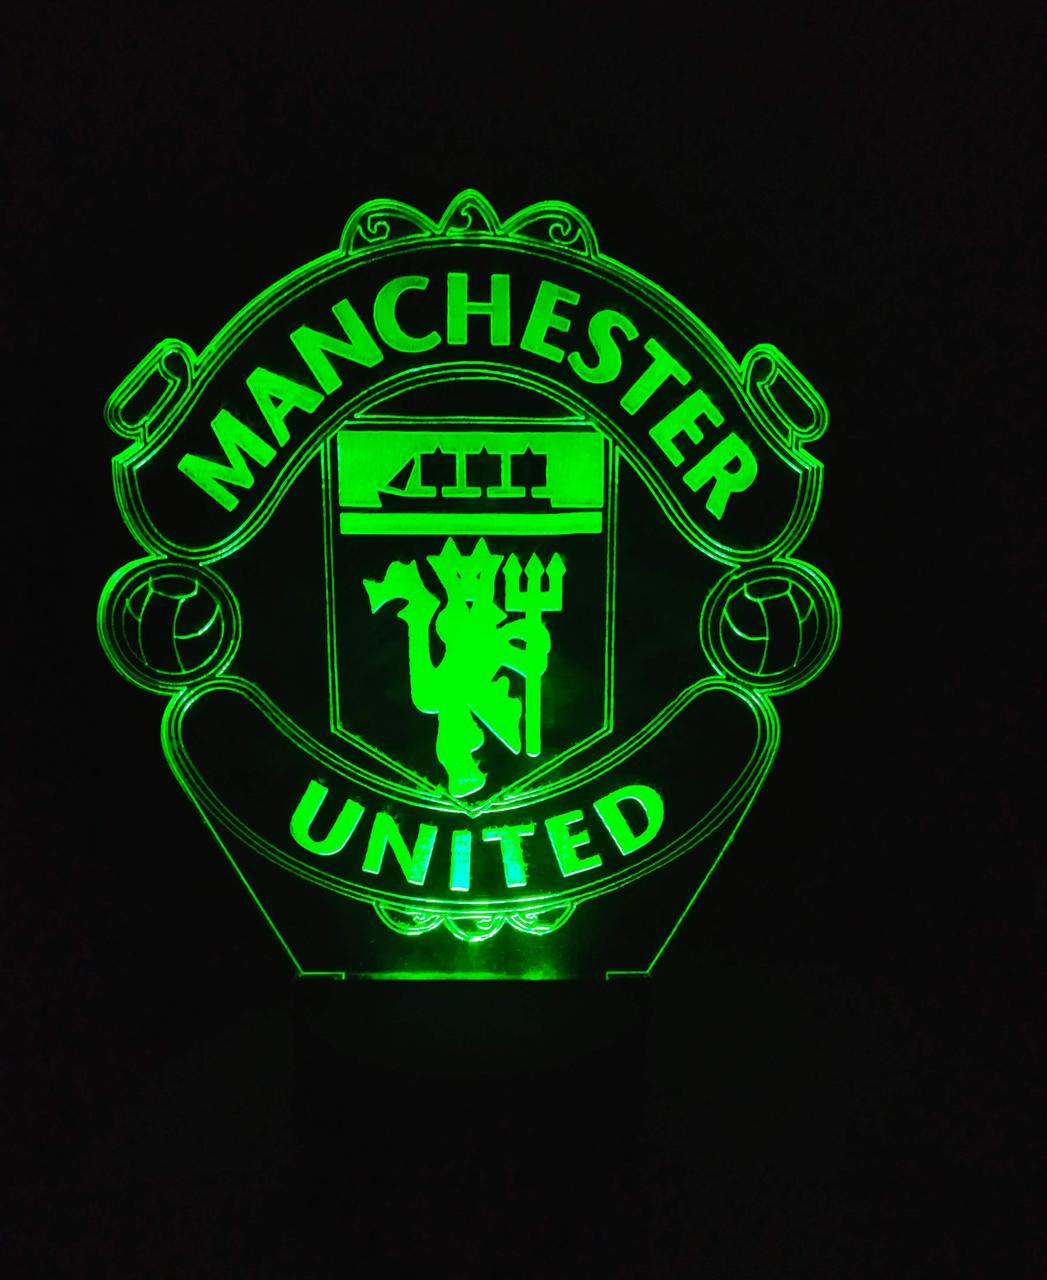 3d-светильник ФК Манчестер Юнайтед, 3д-ночник, несколько подсветок (на пульте)